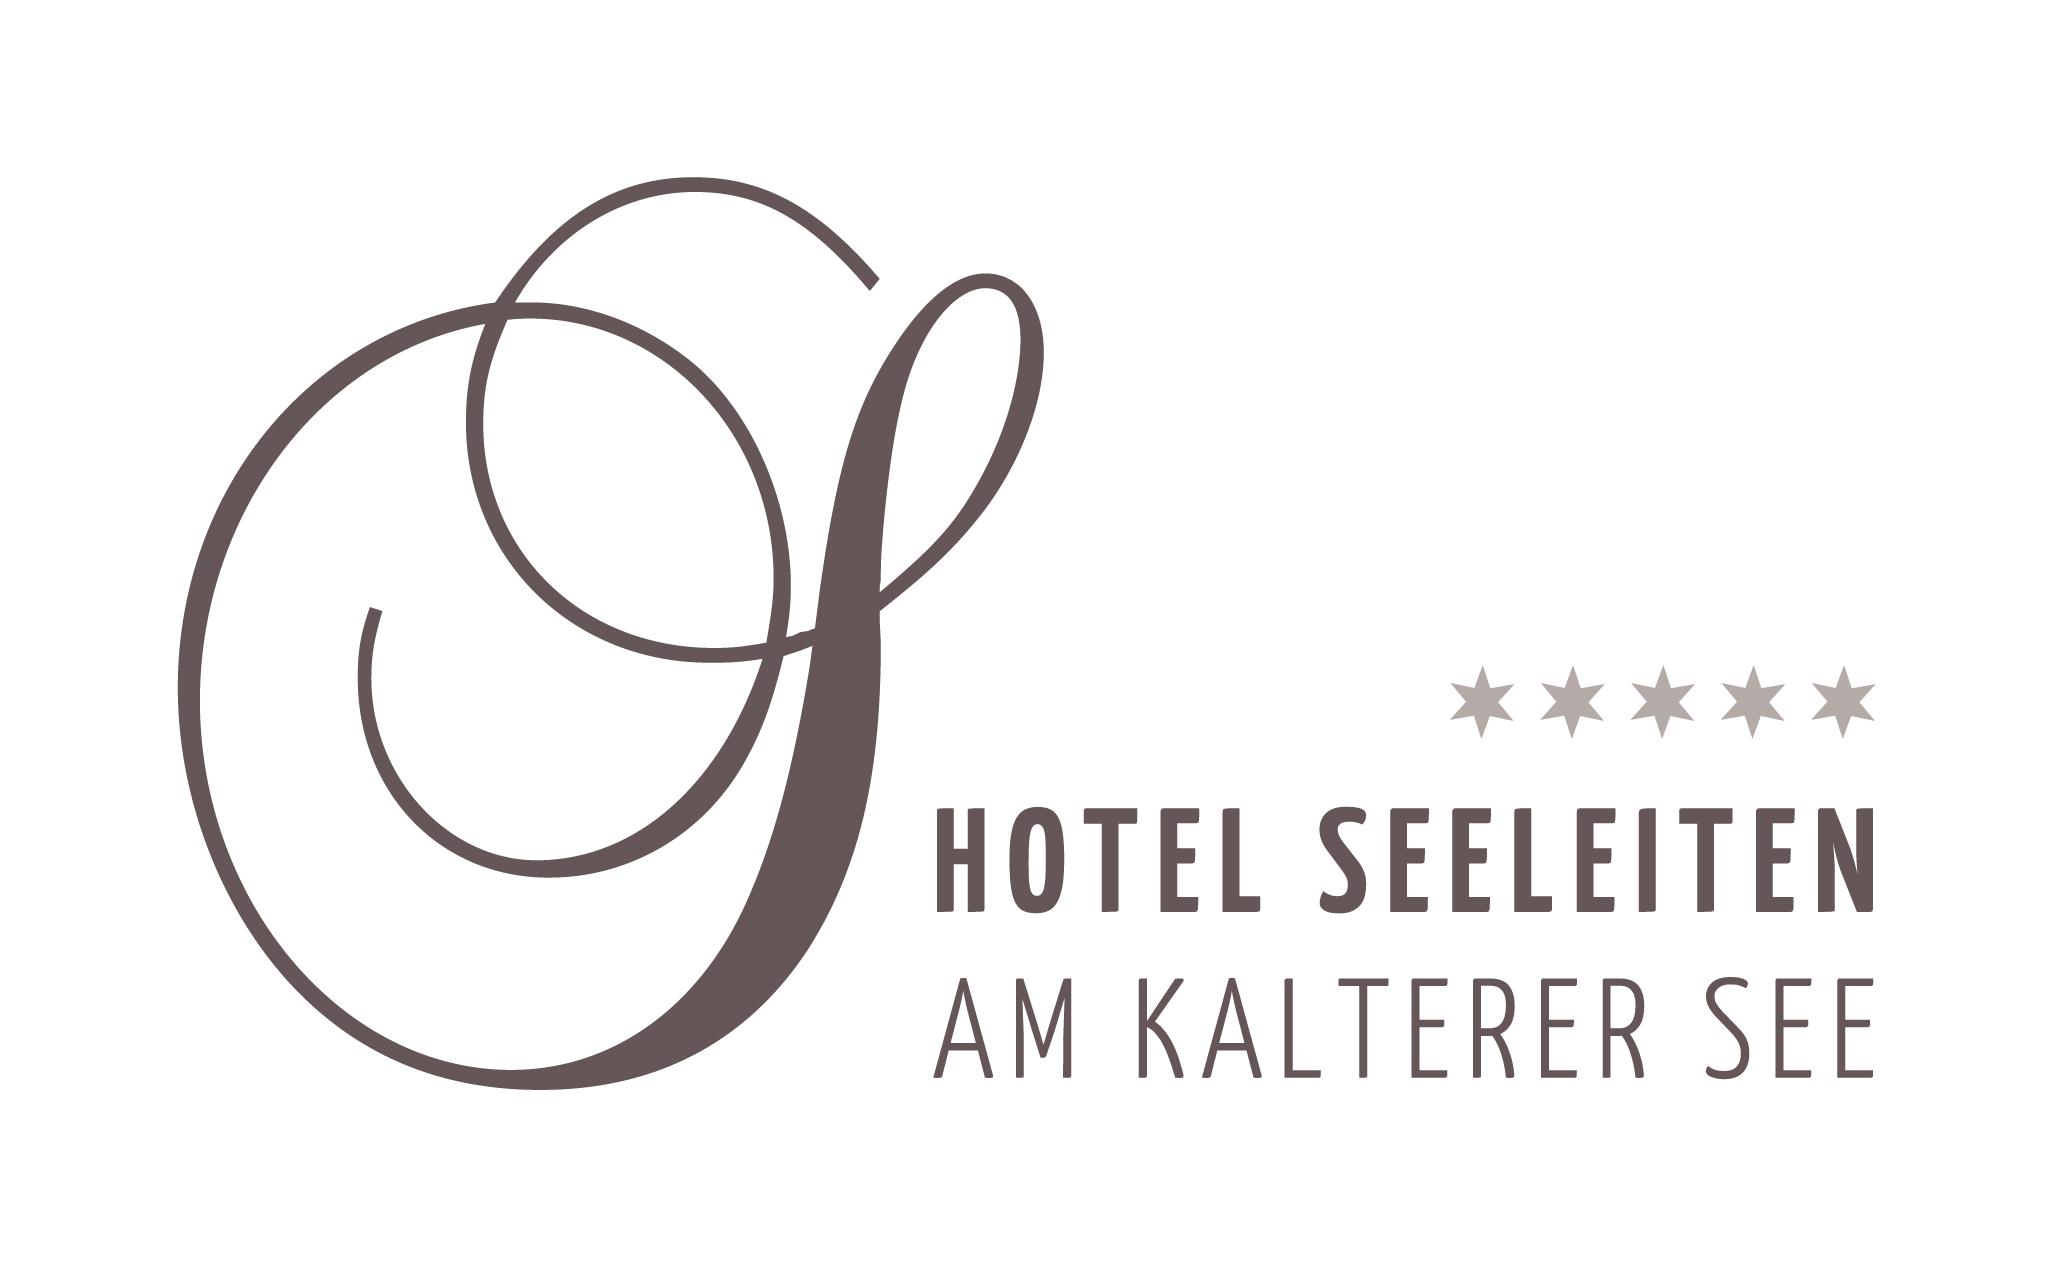 Hotel Seeleiten